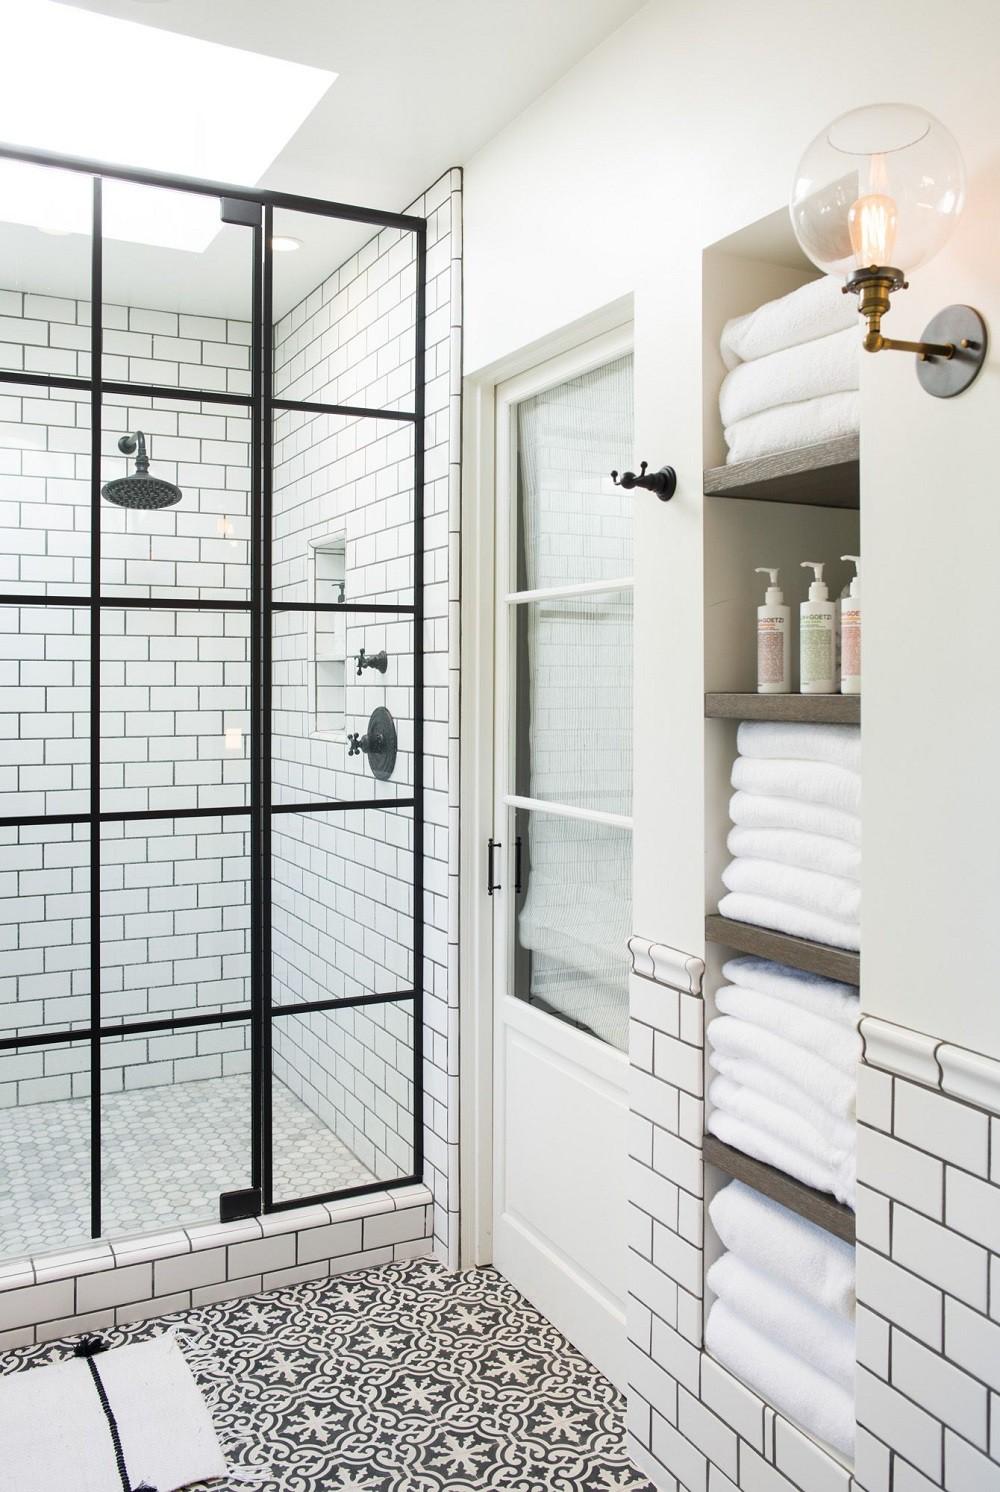 Cận cảnh 3 thiết kế phòng tắm được hồi sinh theo phong cách Tây Ban Nha thập niên 1930 nhờ các vật liệu công nghiệp - Ảnh 4.